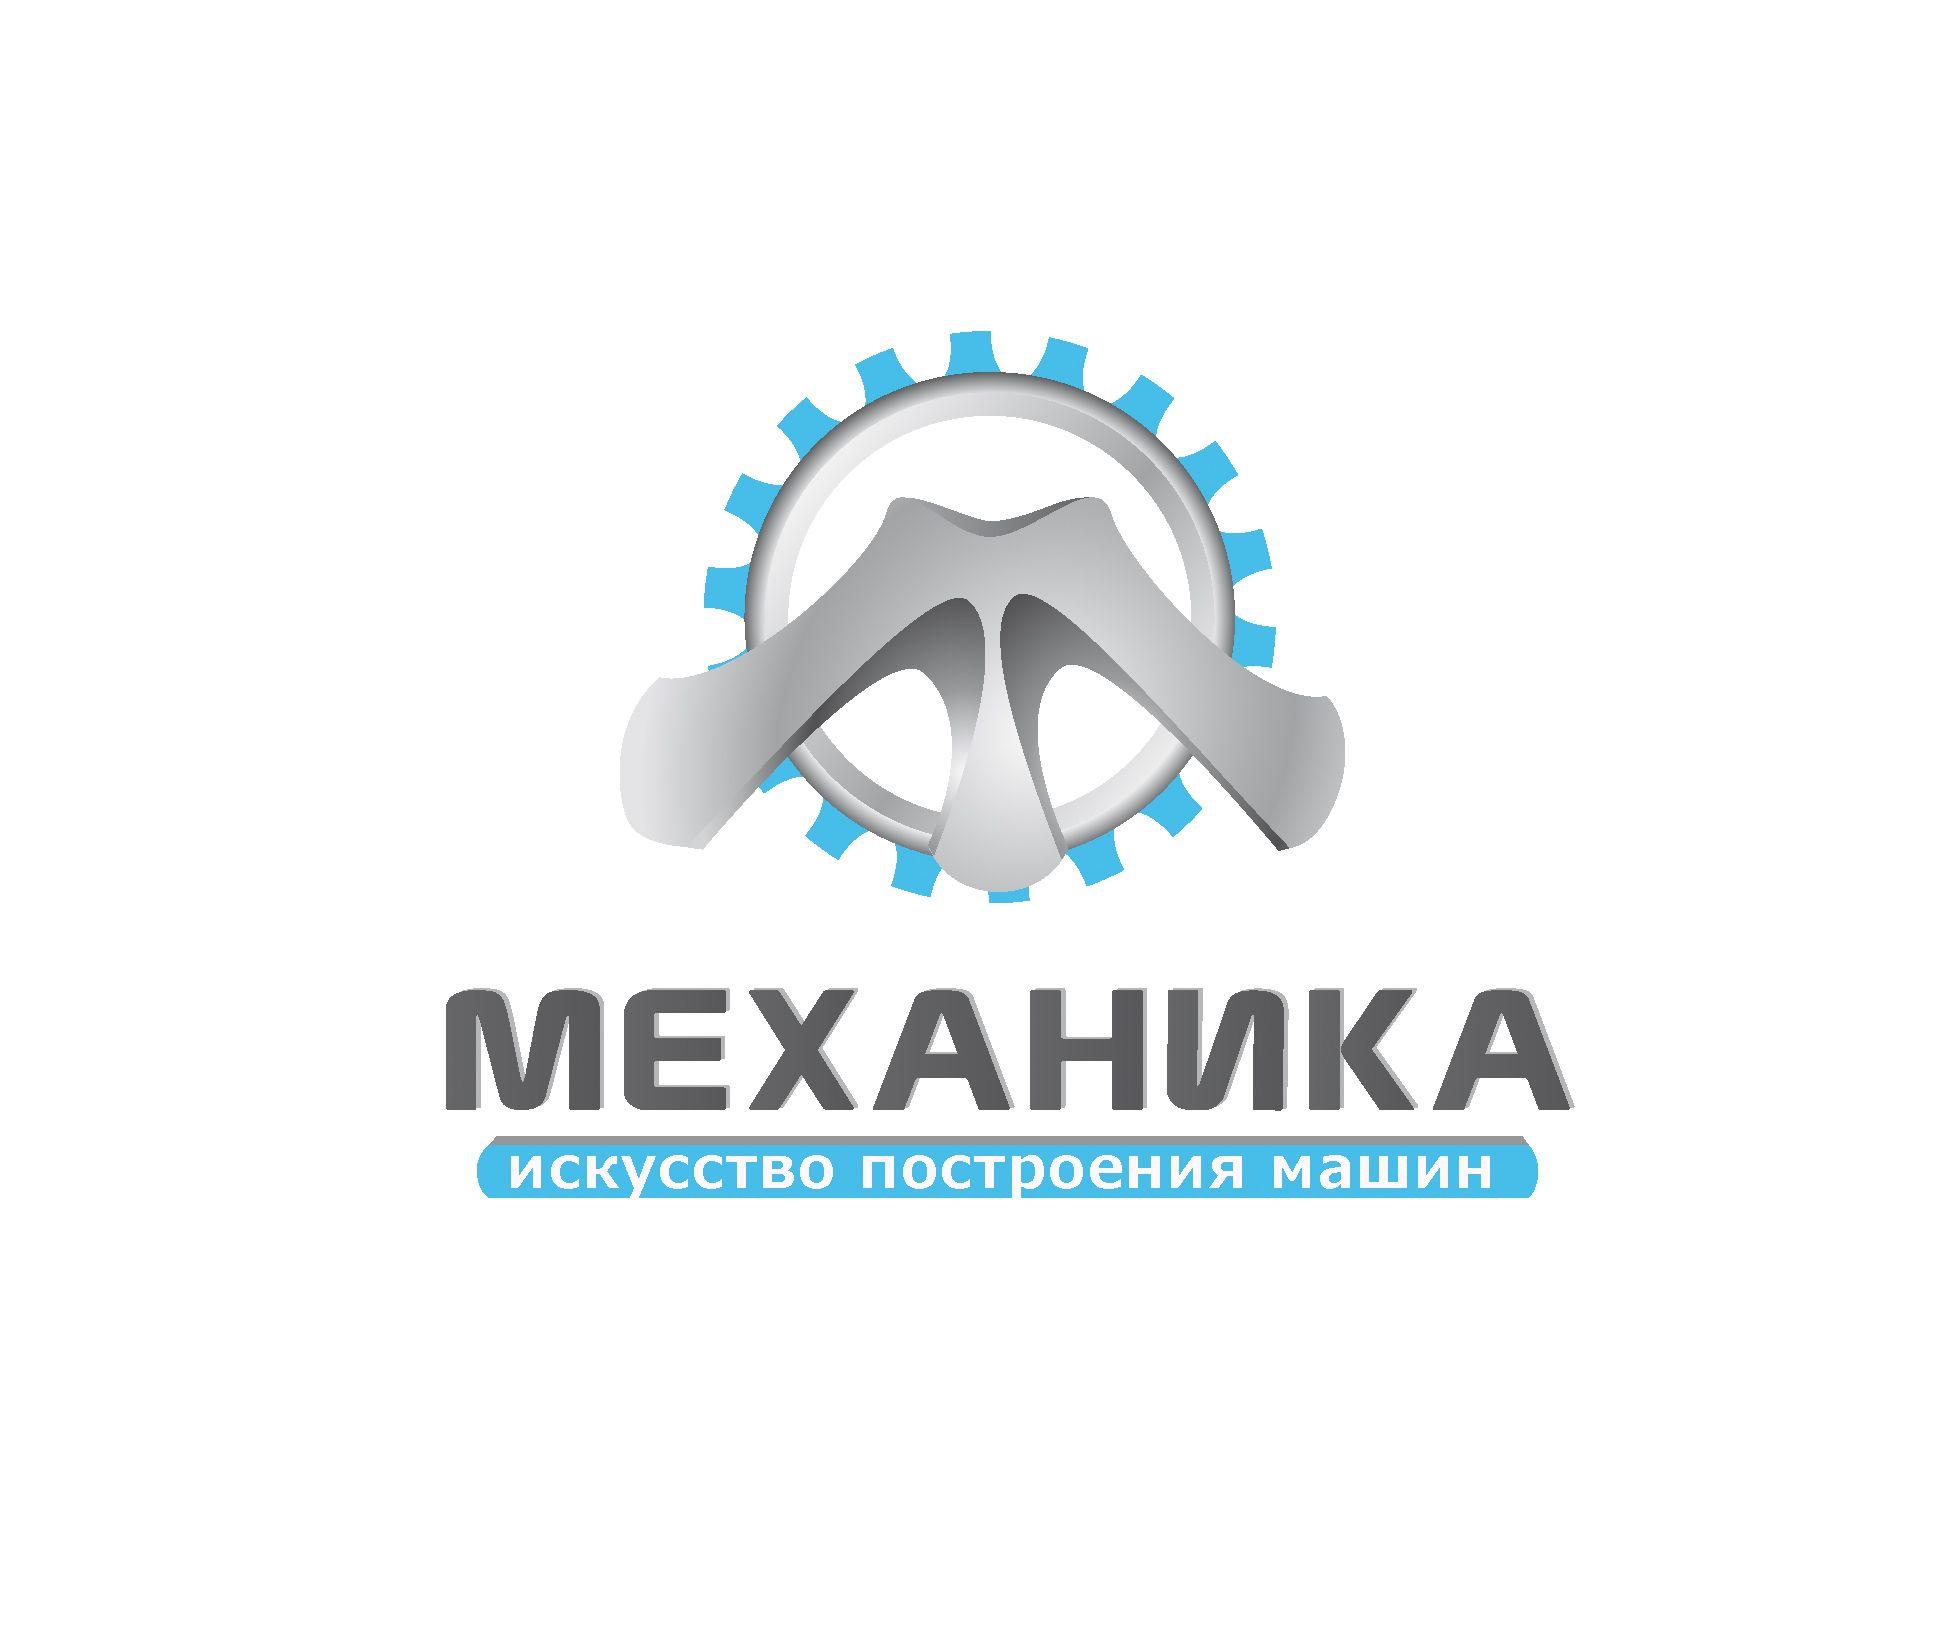 Логотип для магазина автозапчасти 'Механика' - дизайнер DinaA83